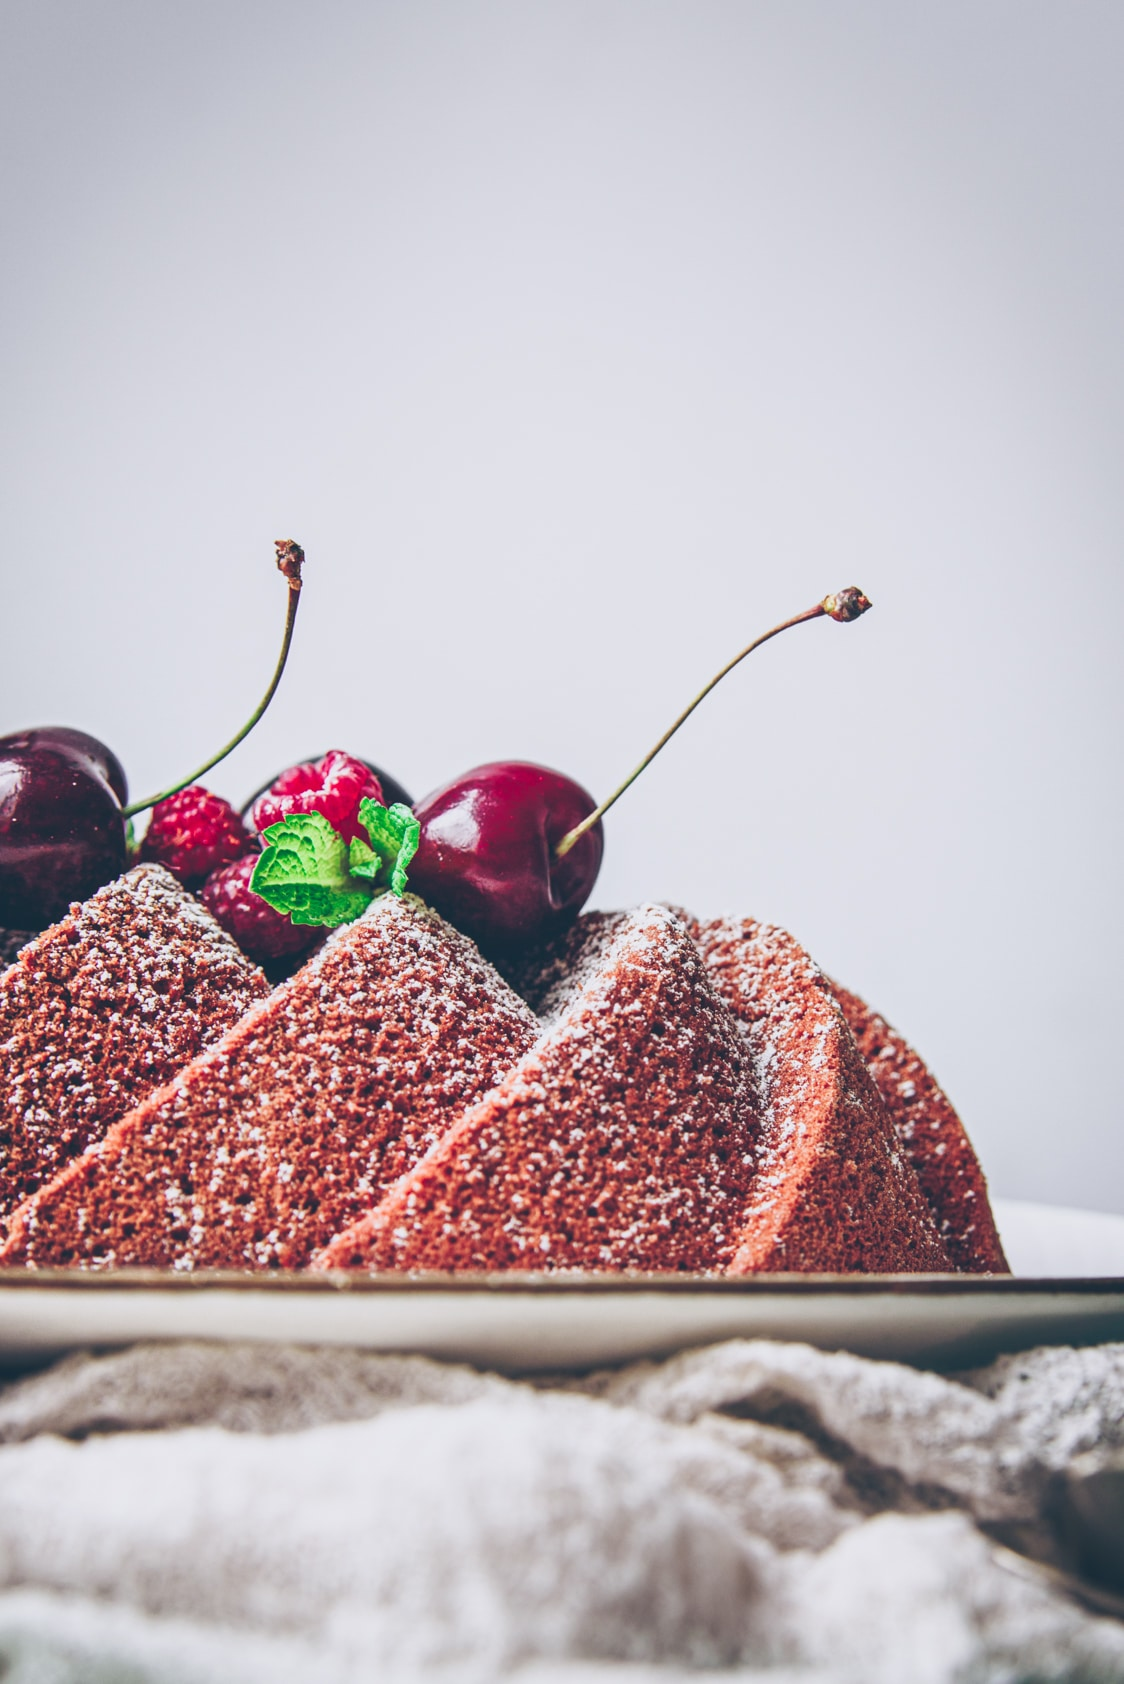 recette de cake moelleux au mascarpone et framboises - confitbanane